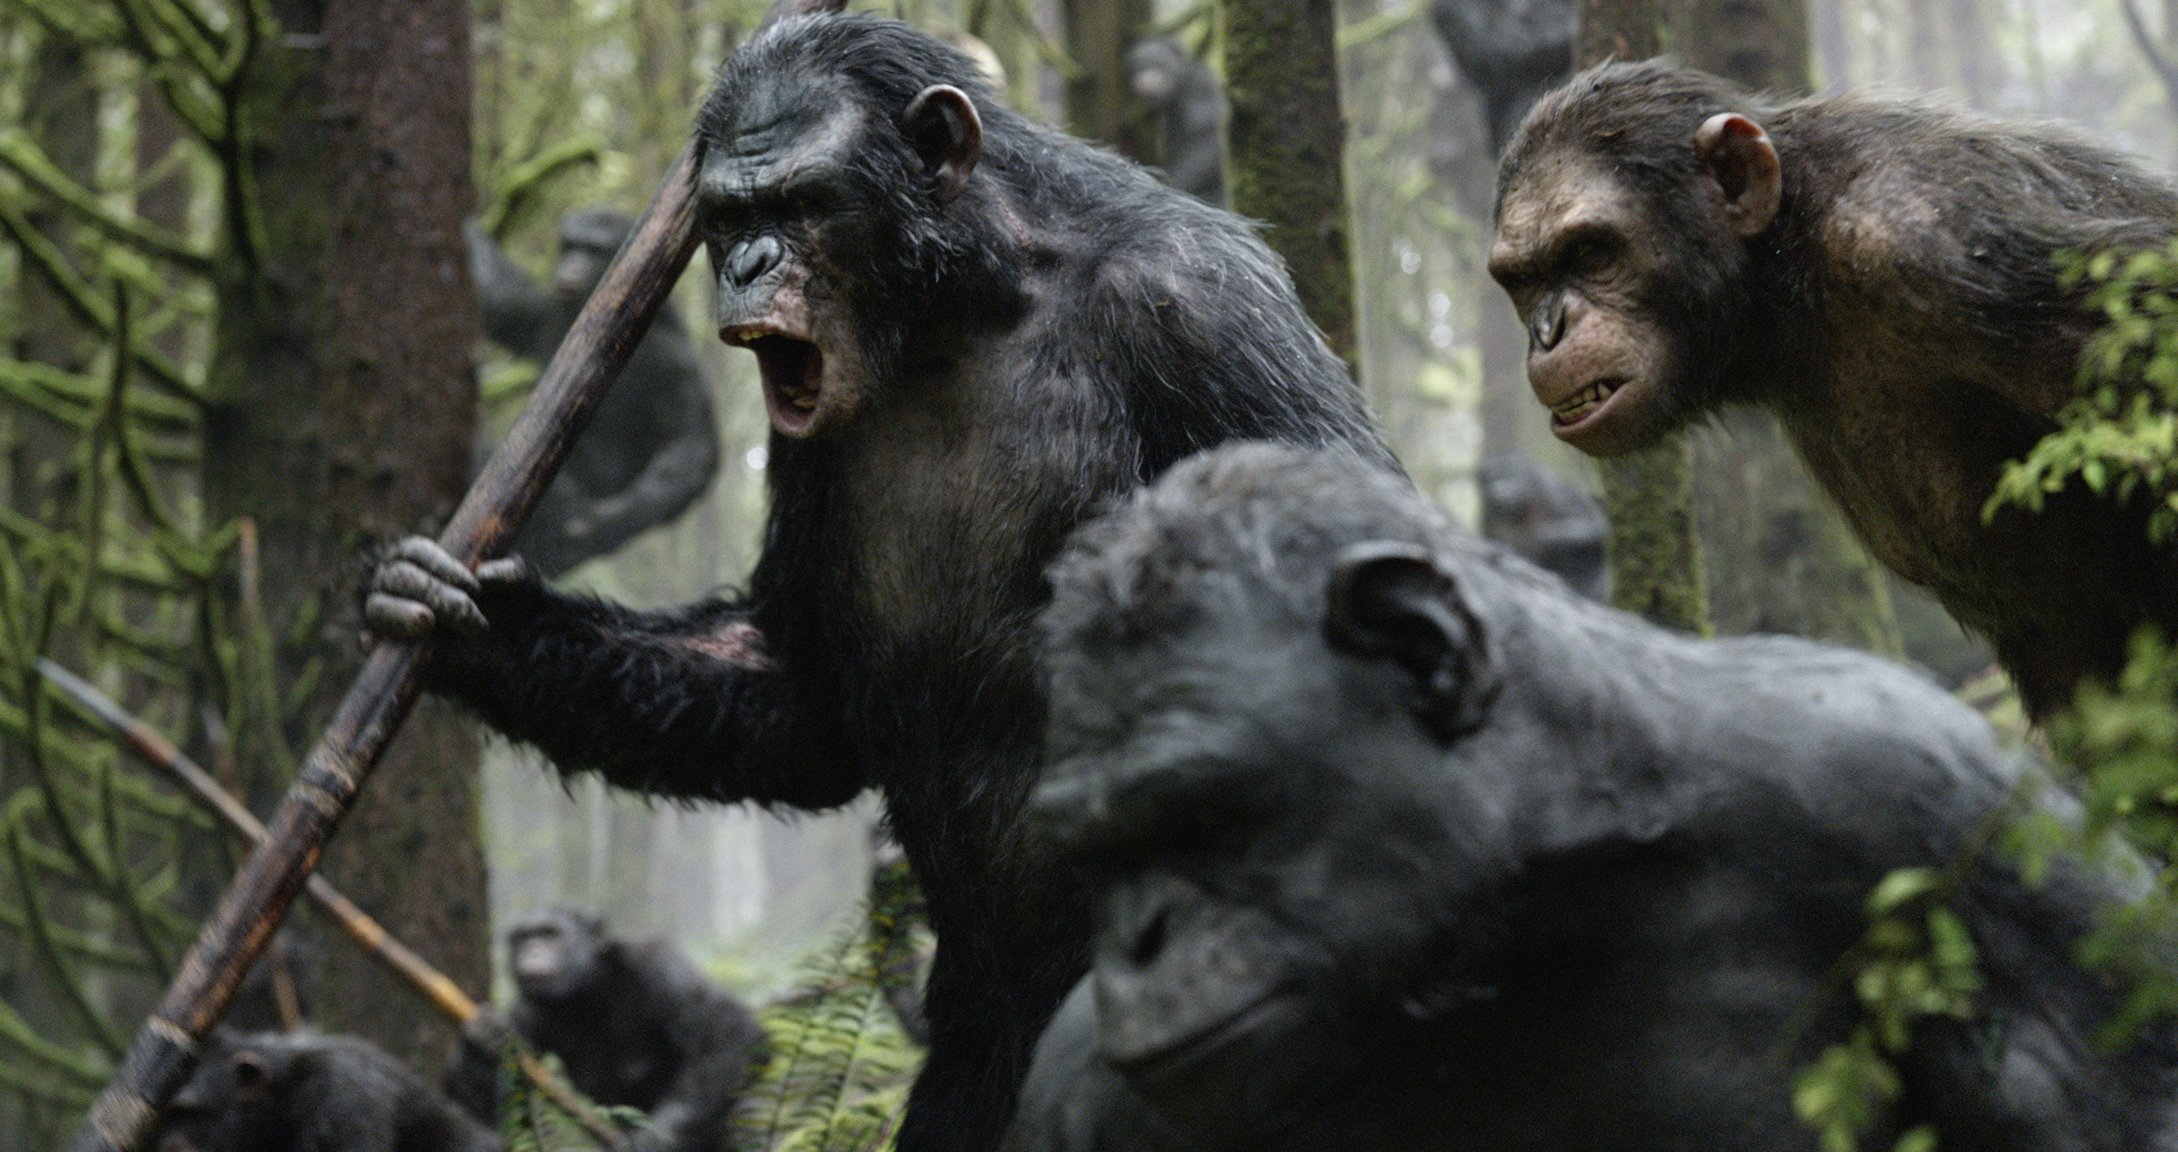 планета обезьян революция рецензия скачать смотреть онлайн бесплатно отвратительные мужики петр сальников